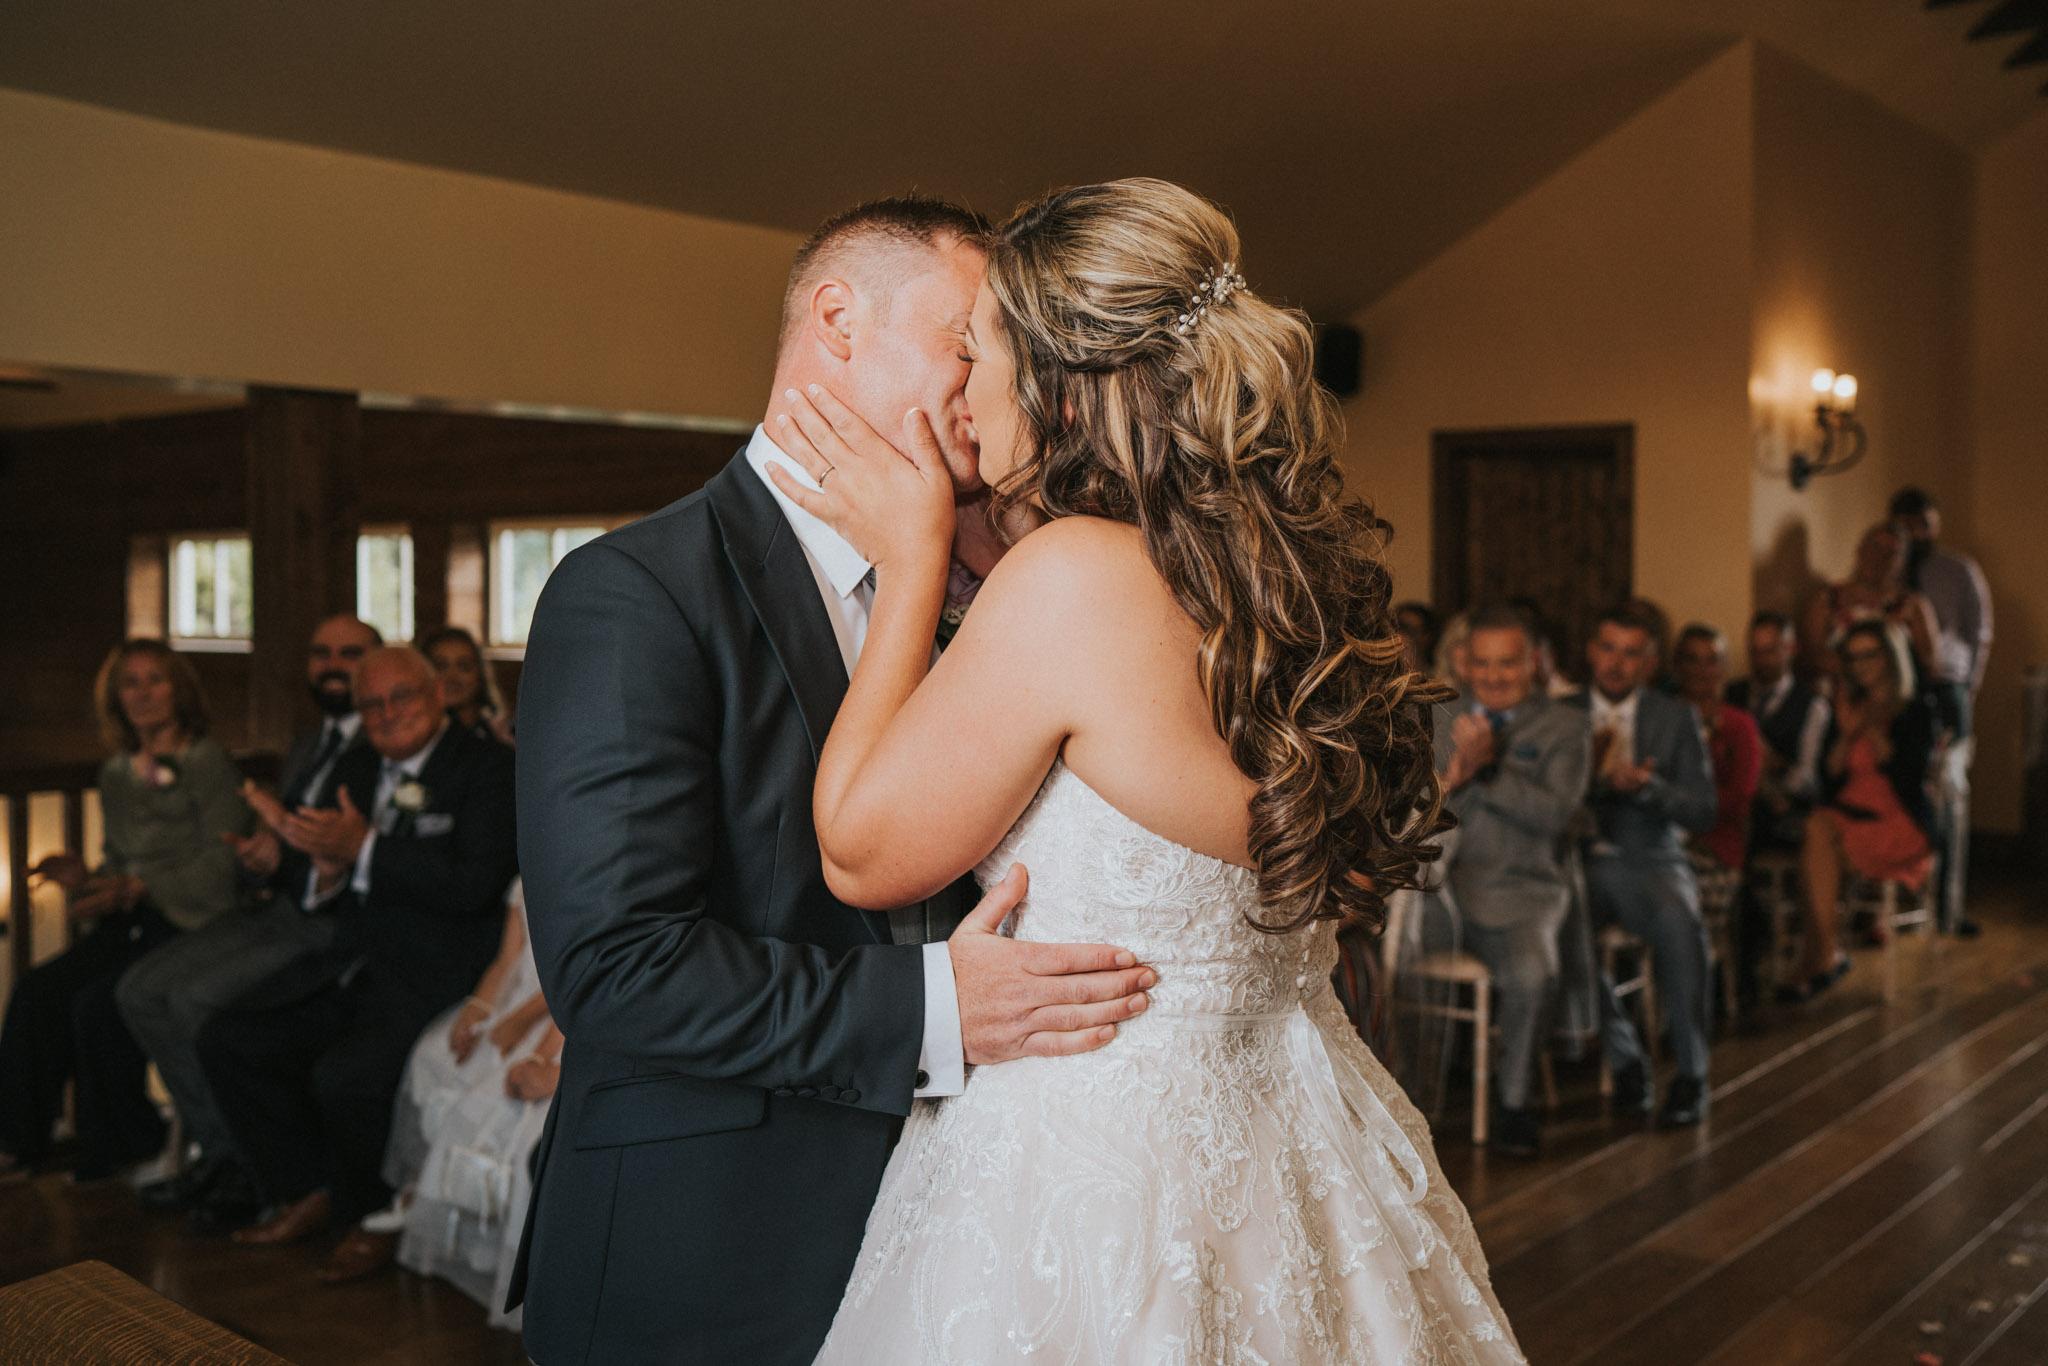 Sarah-Paul-Essex-Barn-Wedding-Previews-Grace-Elizabeth-Essex-Alternative-Wedding-Photographer-Colchester-Essex-Suffolk-Norfolk-Devon (17 of 32).jpg